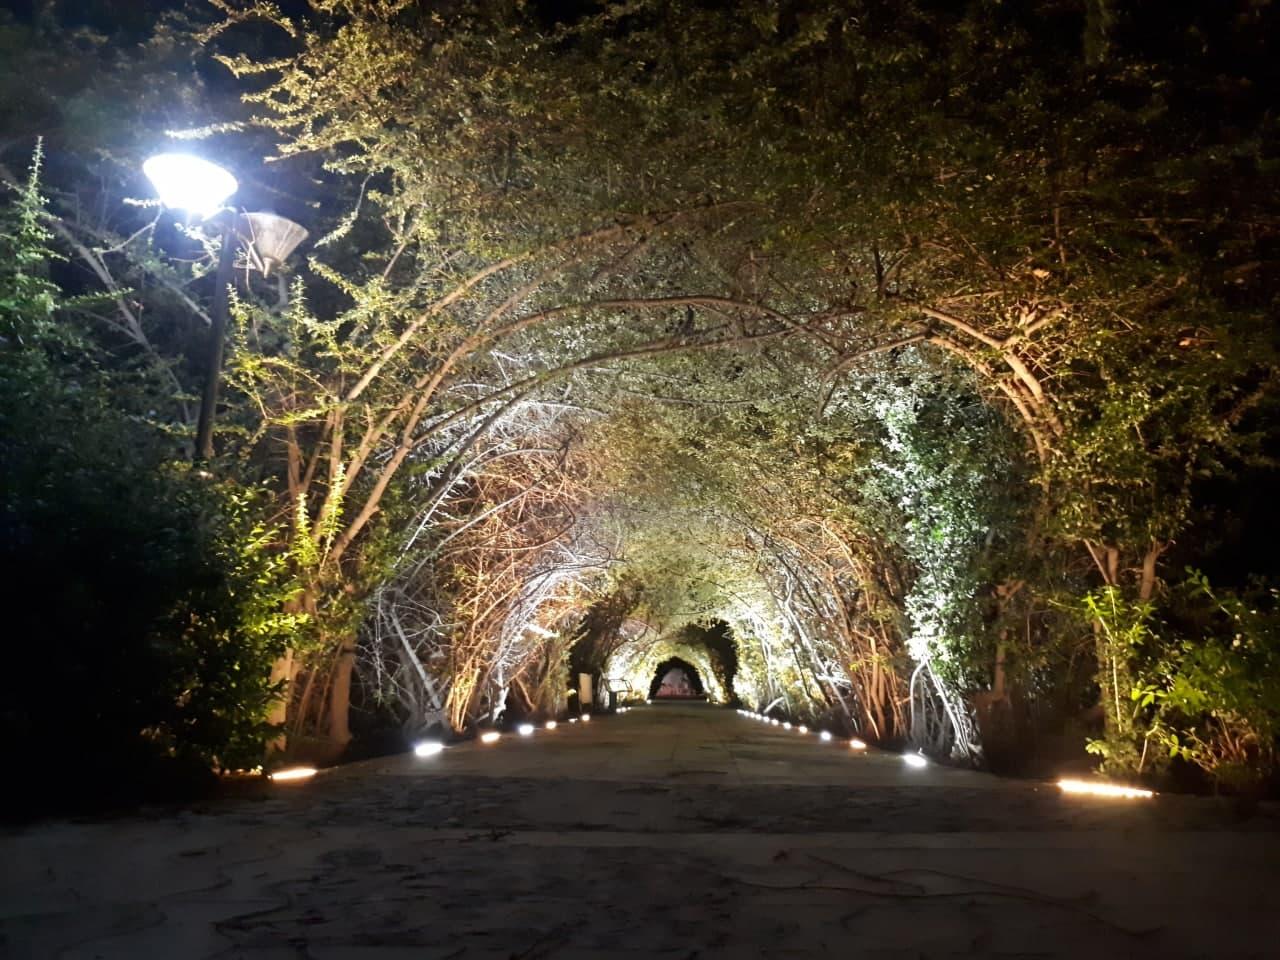 نورپردازی و تقویت روشنایی پارک زیبای باغ گل